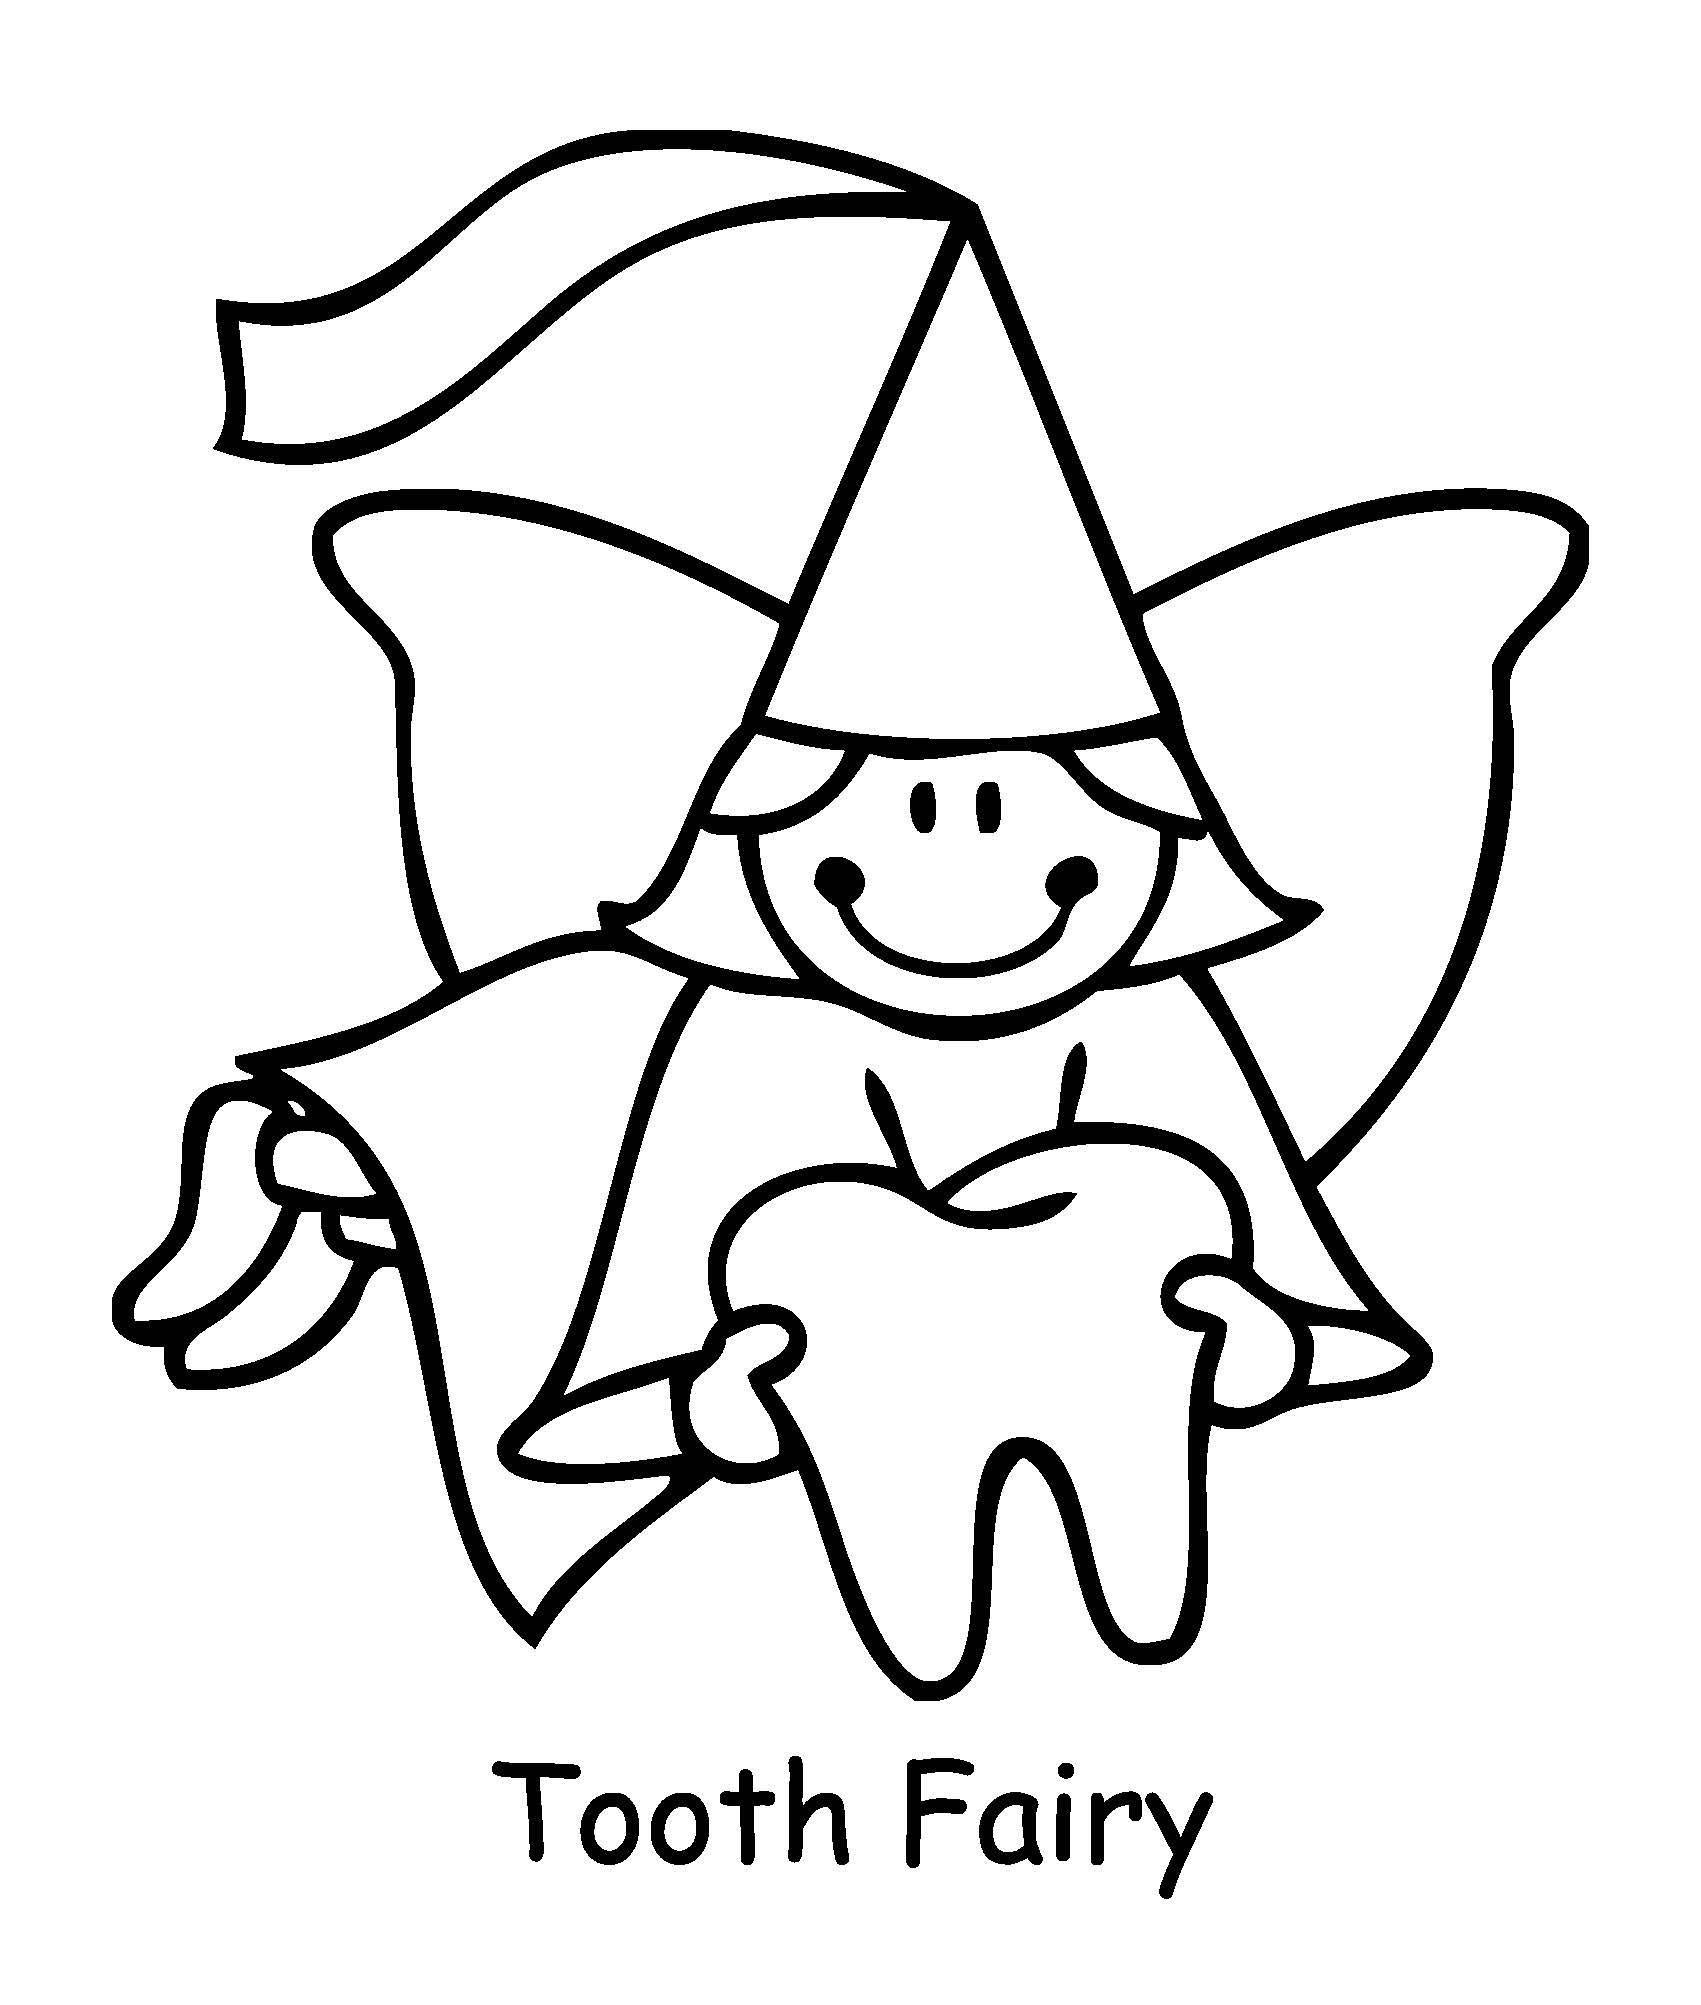 Smileys Zum Ausmalen Frisch Malvorlagen Fur Kinder – Ausmalbilder Zahn Kostenlos – Page 3 3 Bild